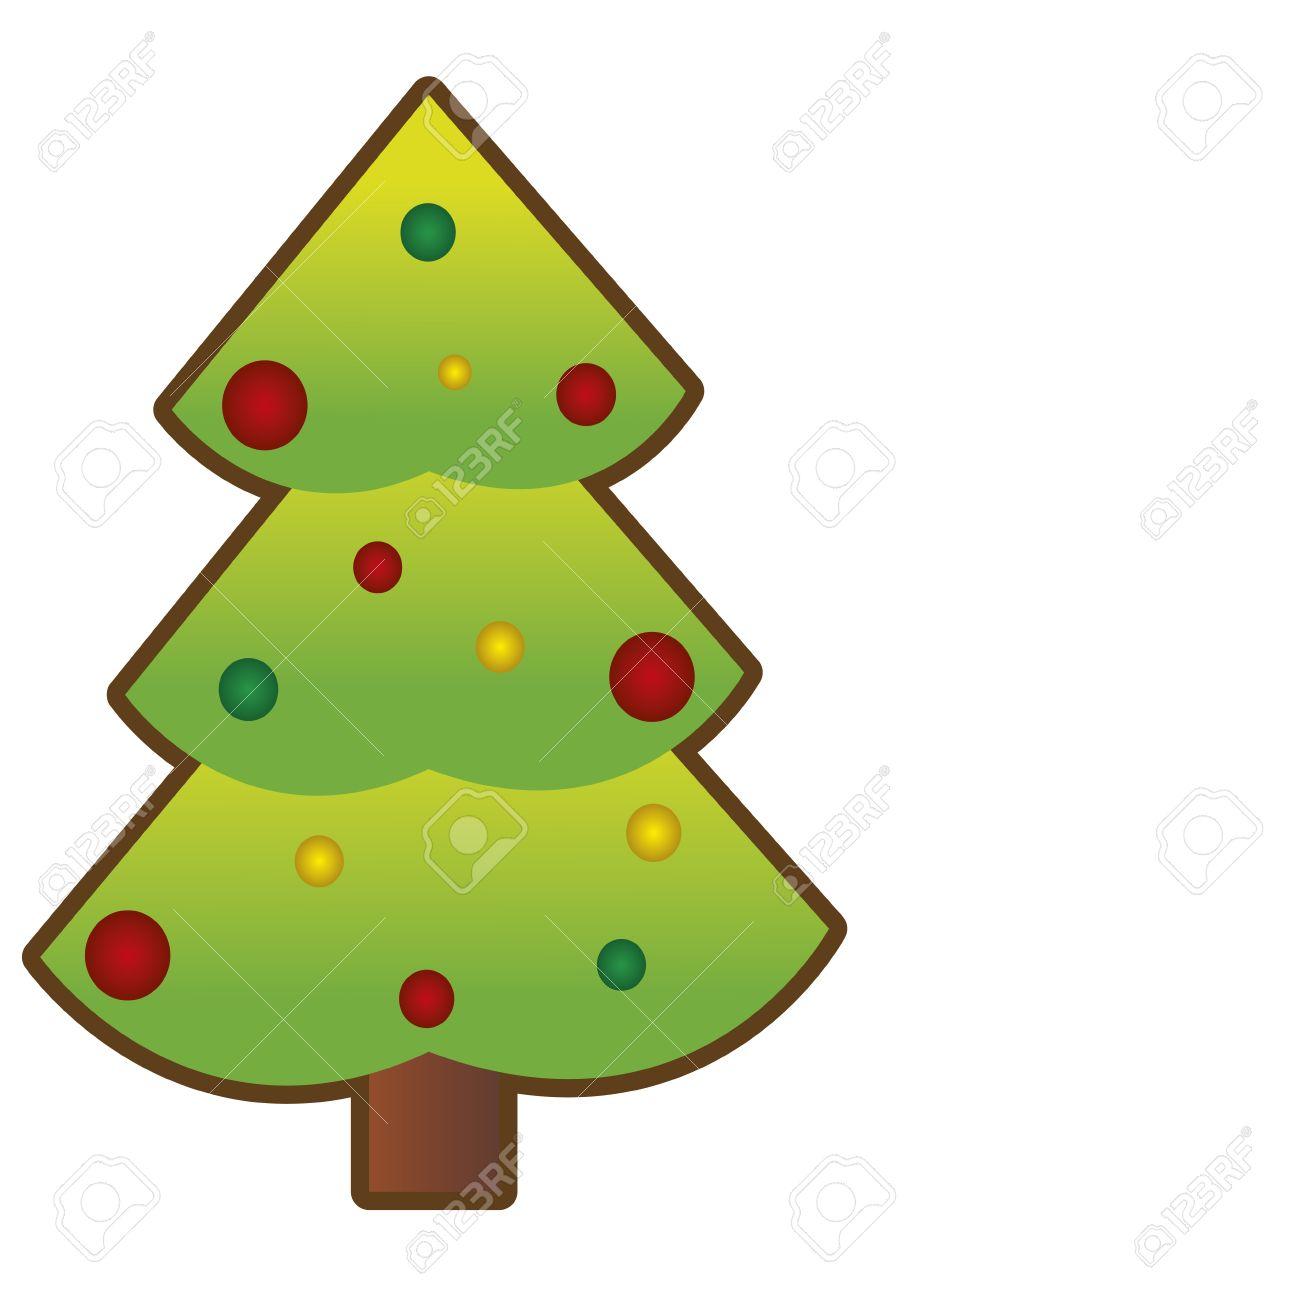 Fotos De Arboles De Navidad En Dibujos.Dibujos Animados Abstracto Arbol De Navidad En Un Fondo Blanco